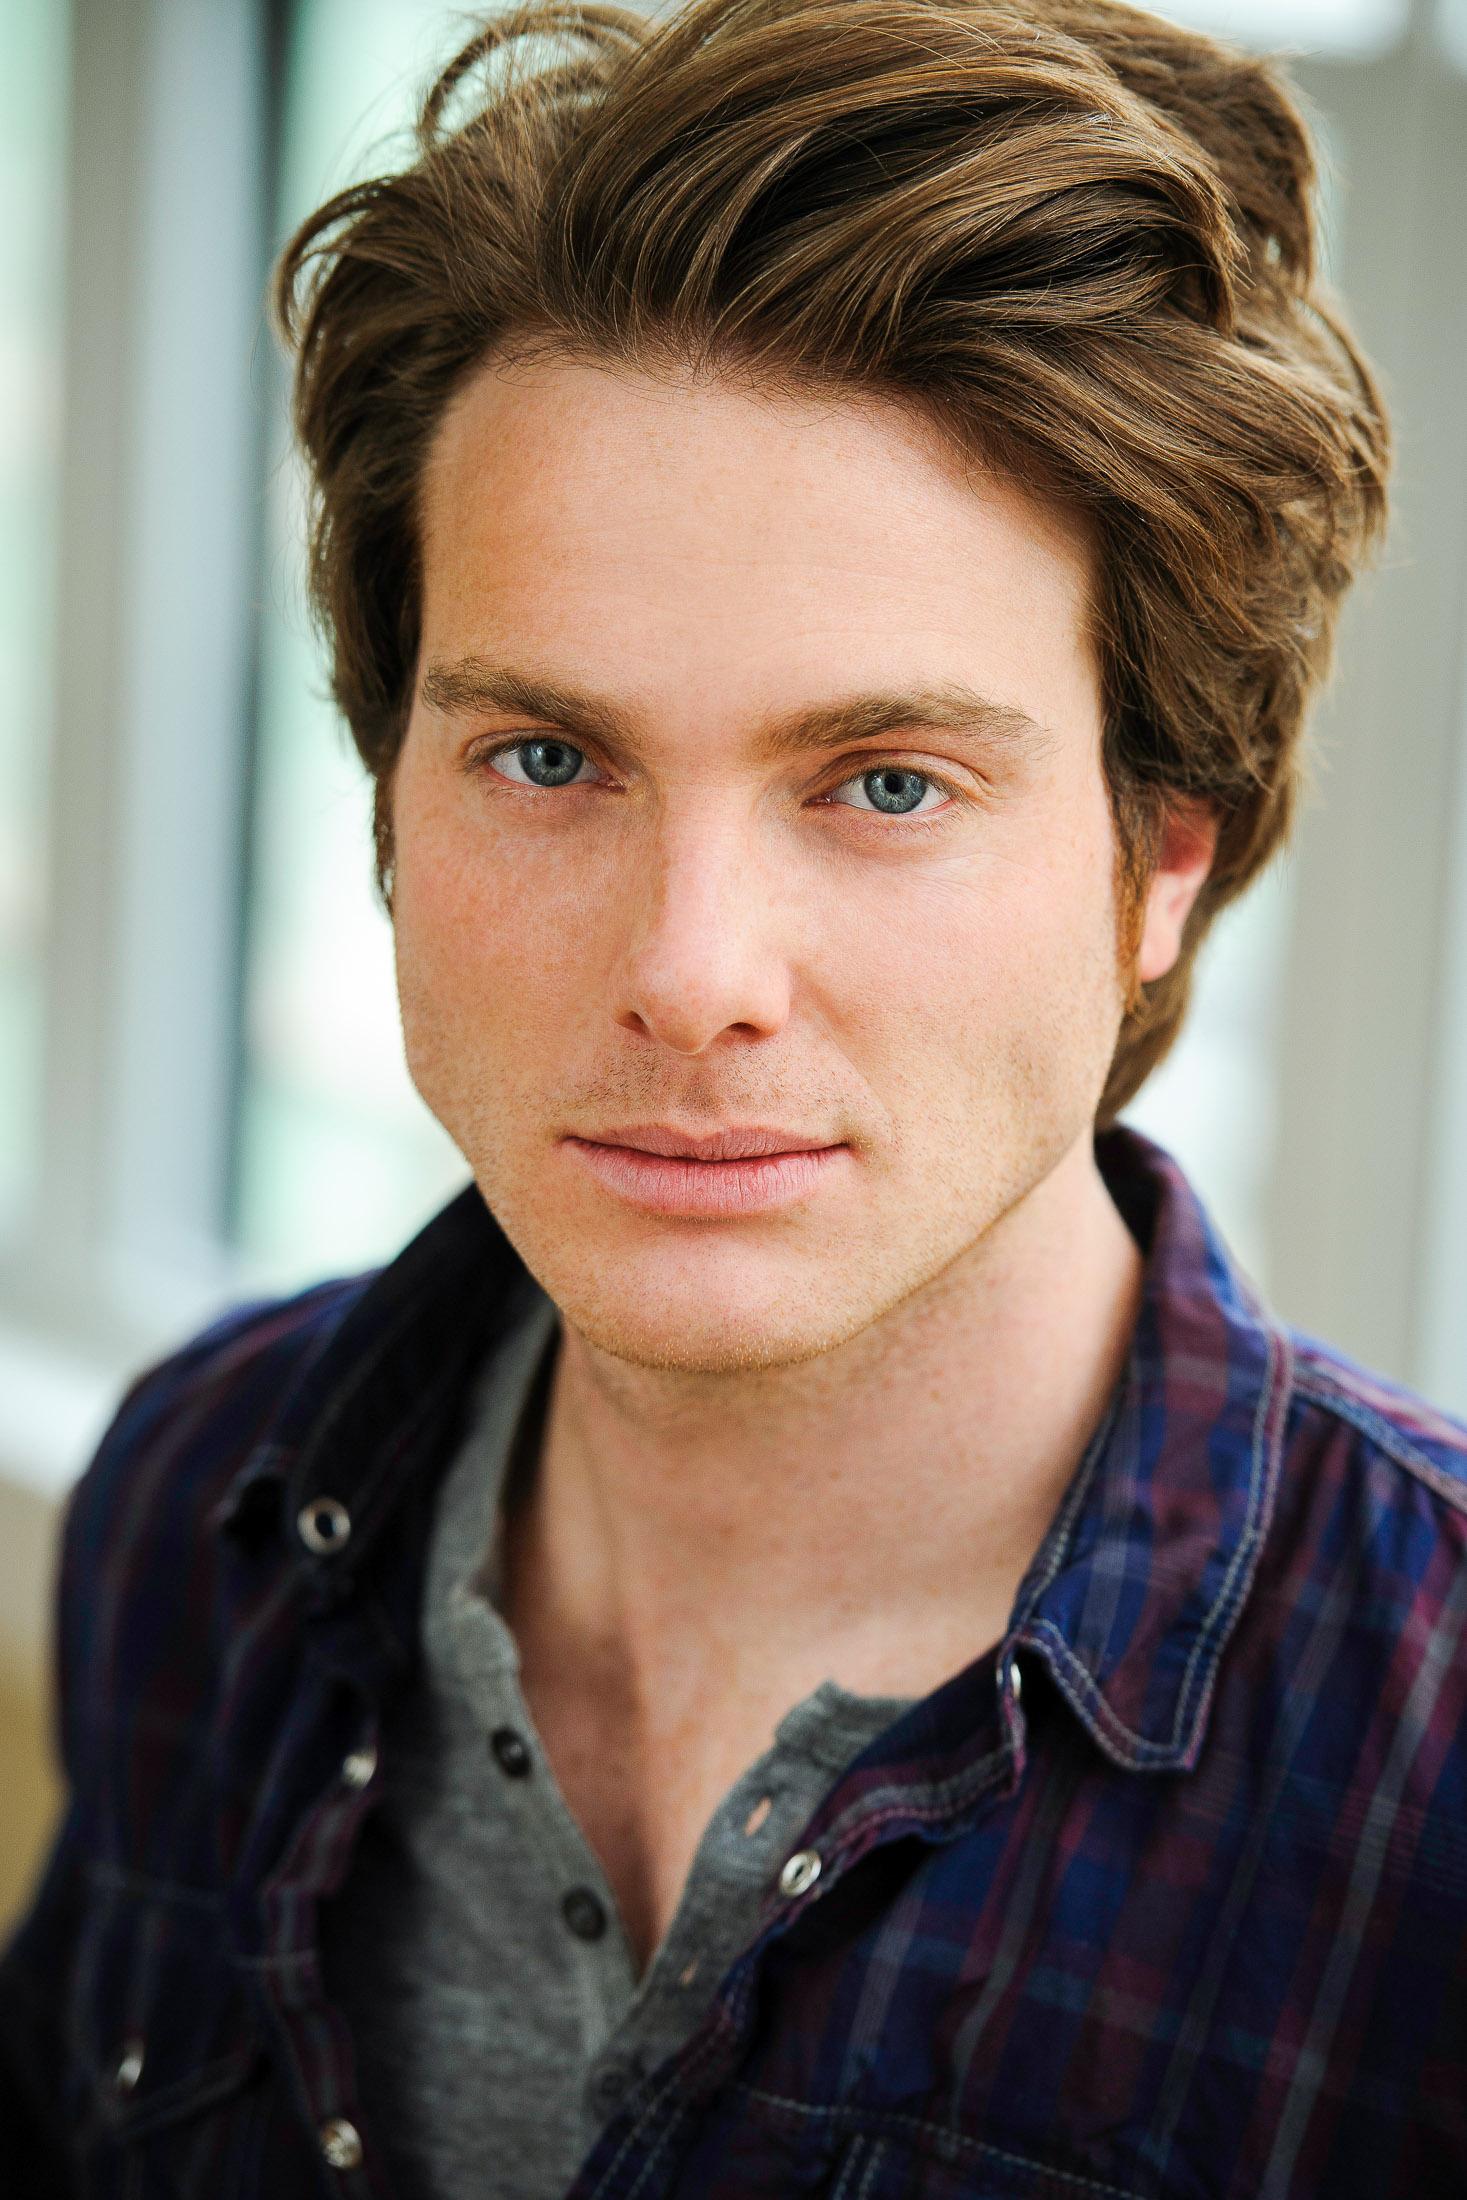 Headshot of Actor Bryan M